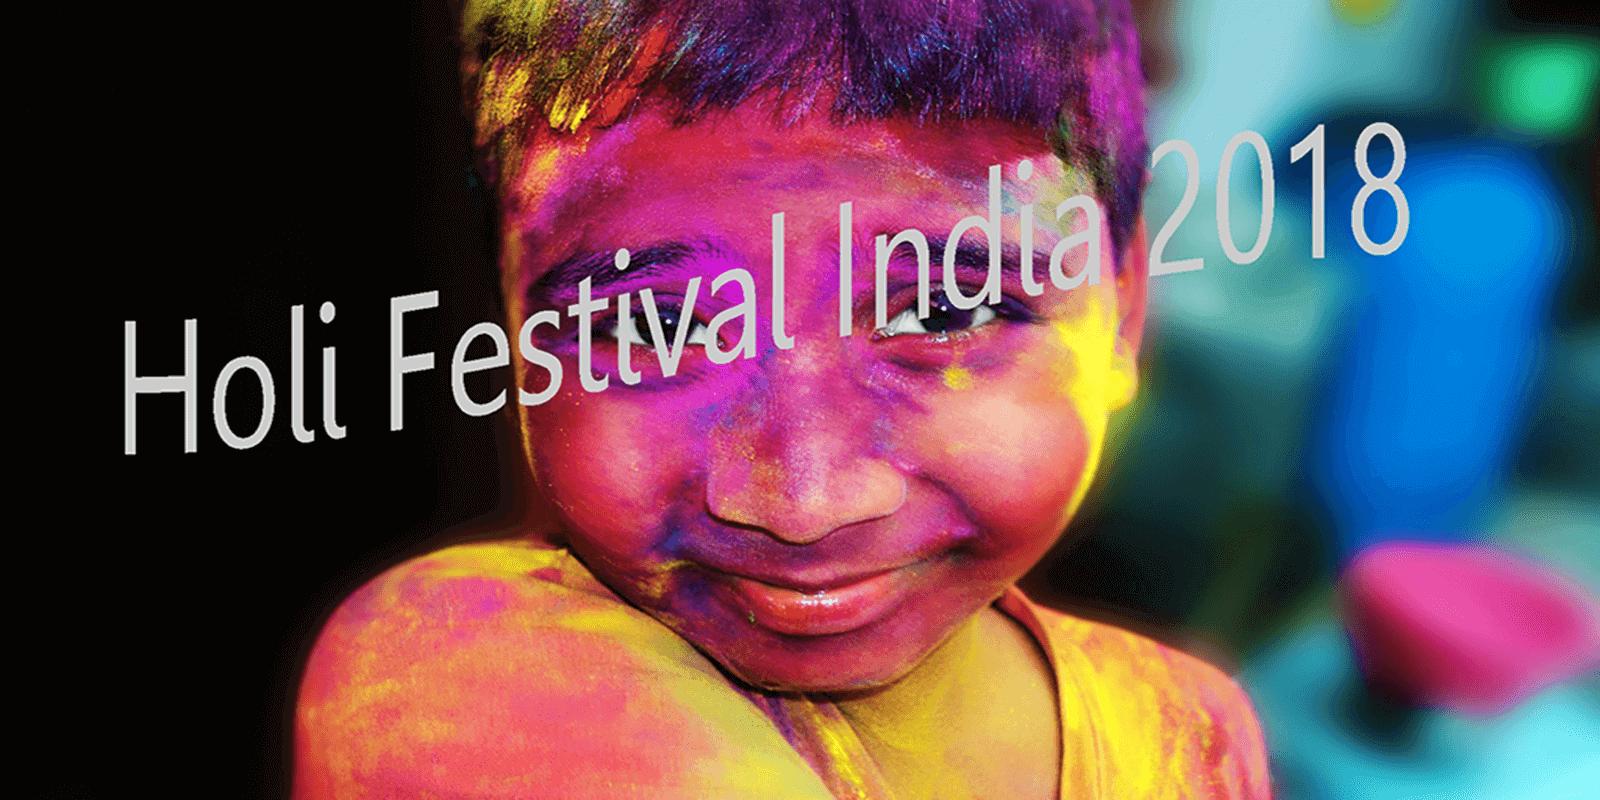 Holi festival india 2019